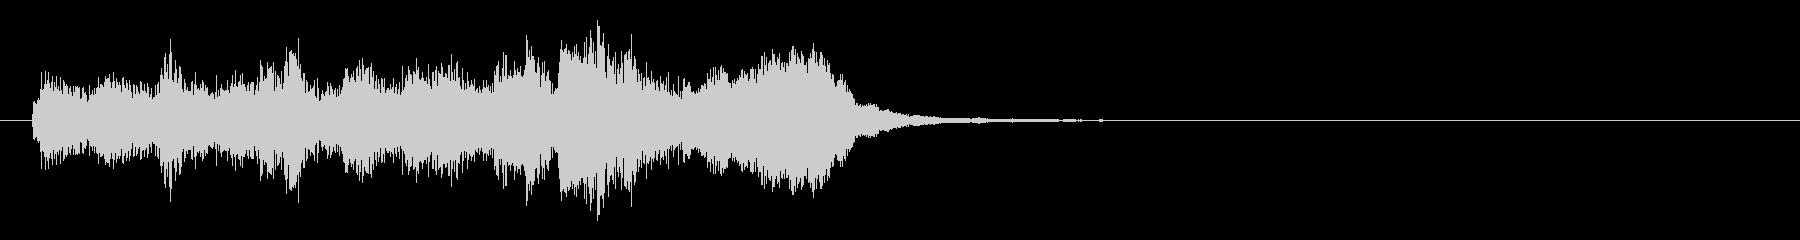 のほほんジングル011_かっこいいの未再生の波形